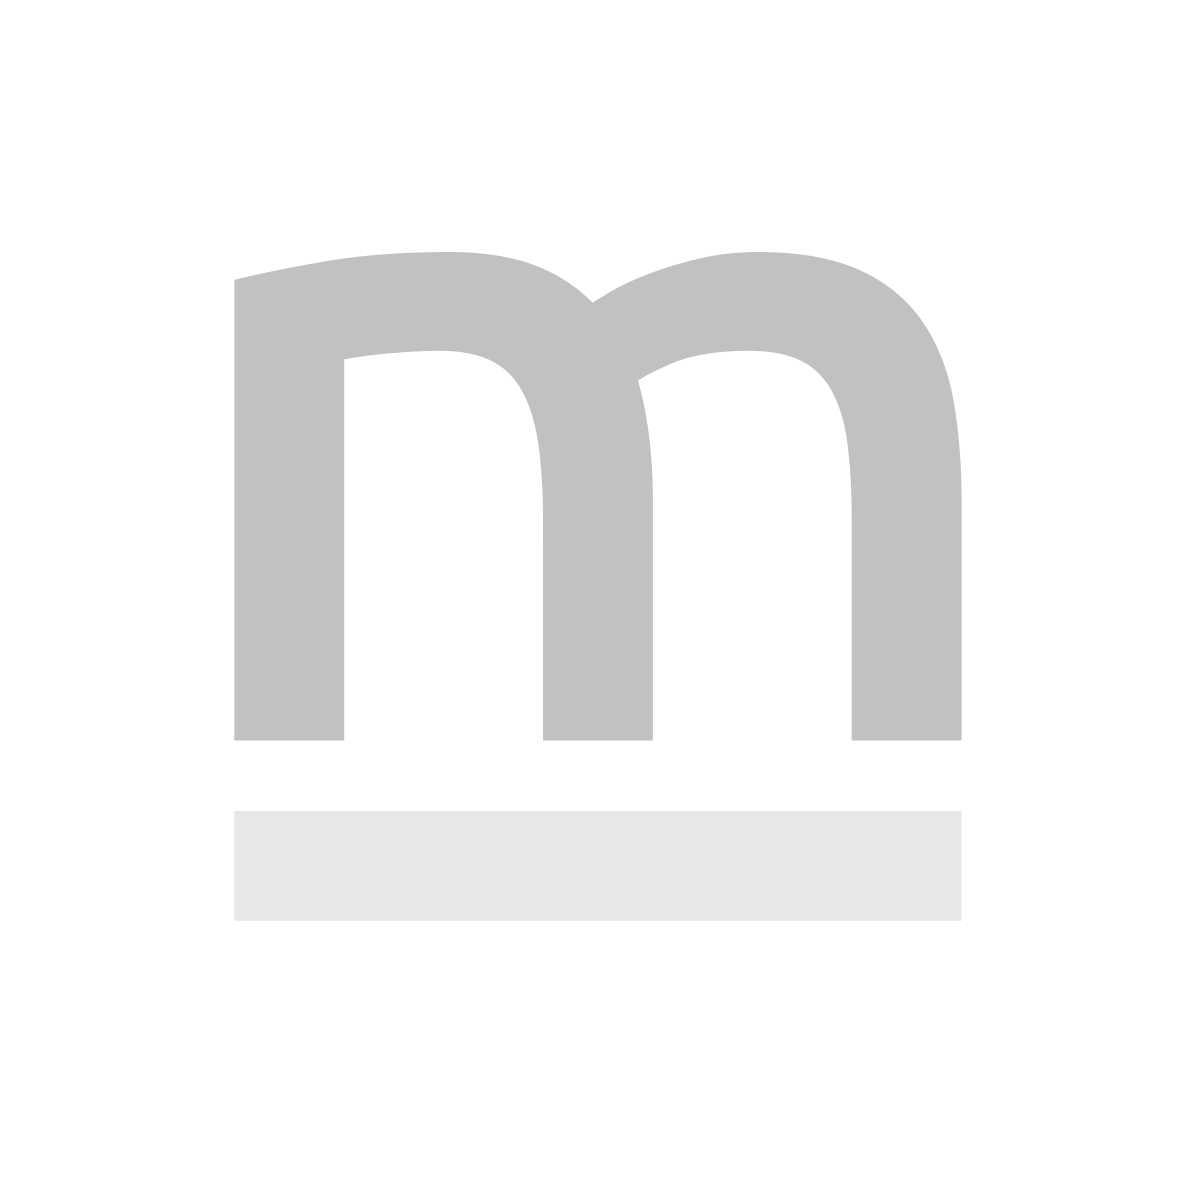 Krzesło ABISSO SKI jasno szare